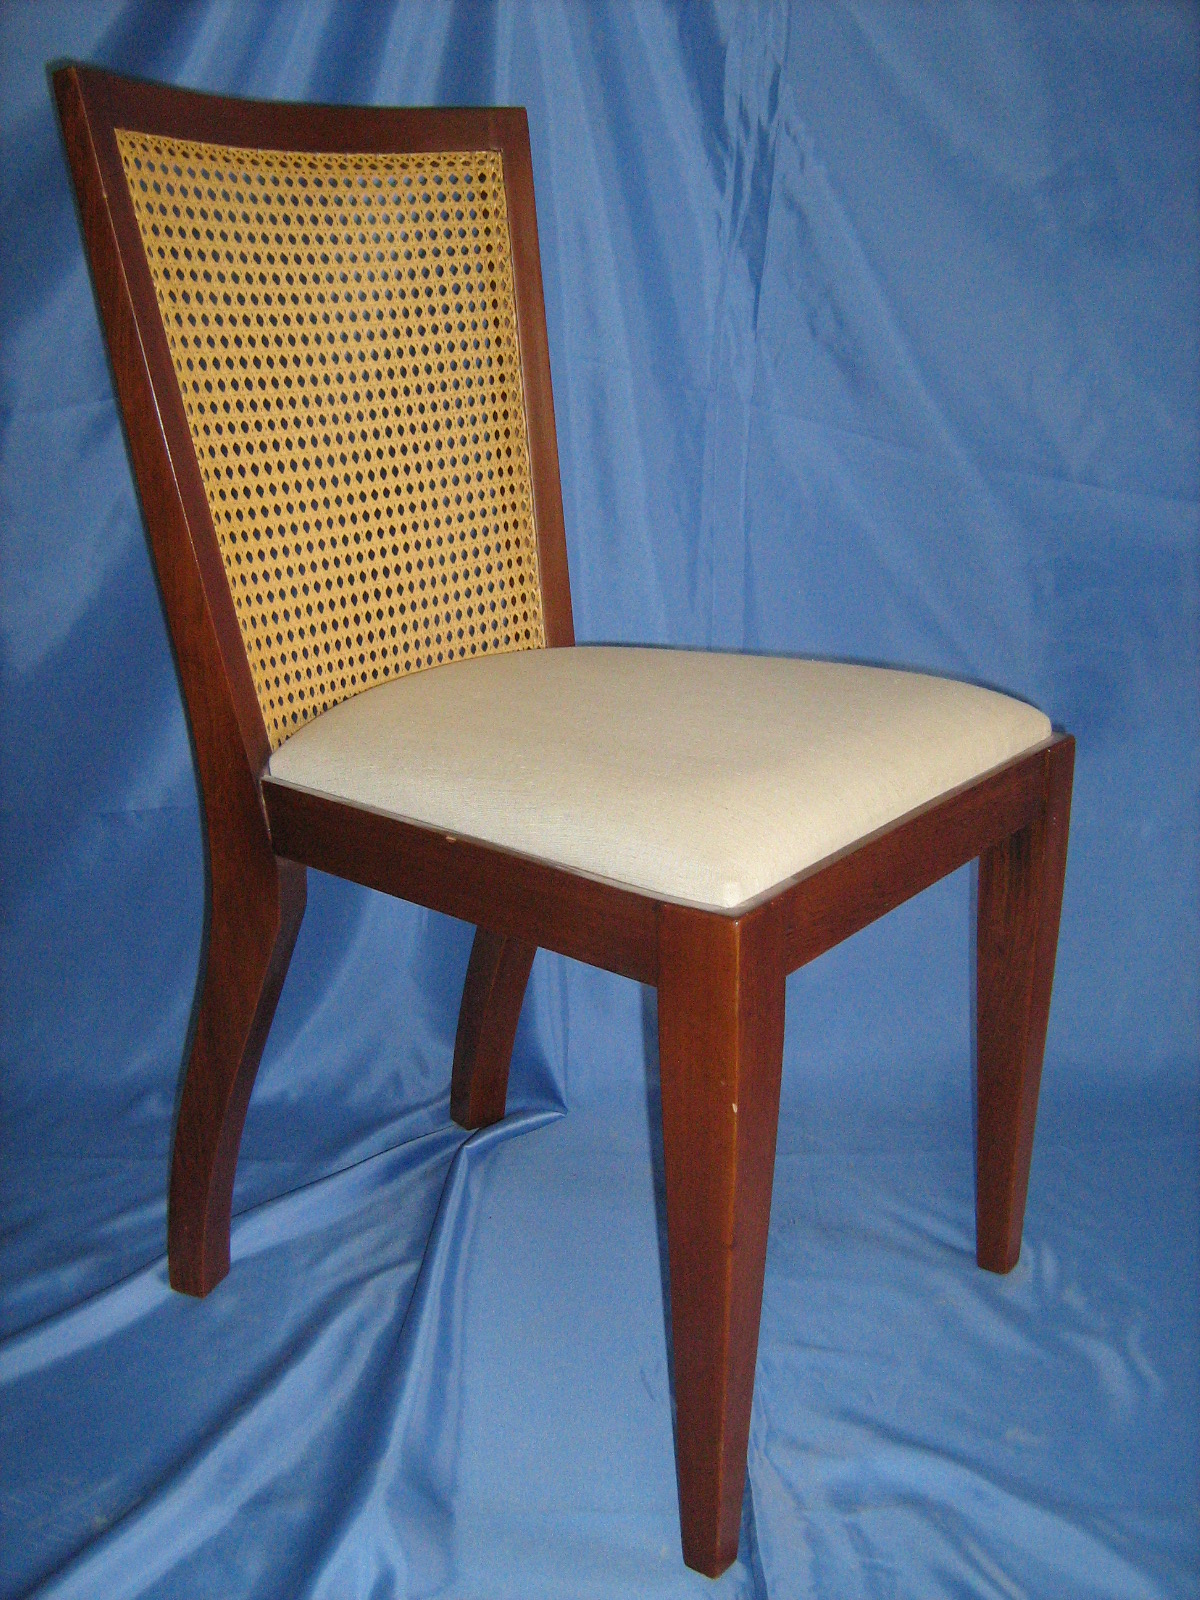 Blog Decoração de Interiores: Cadeira Sala de Jantar SP #653324 1200x1600